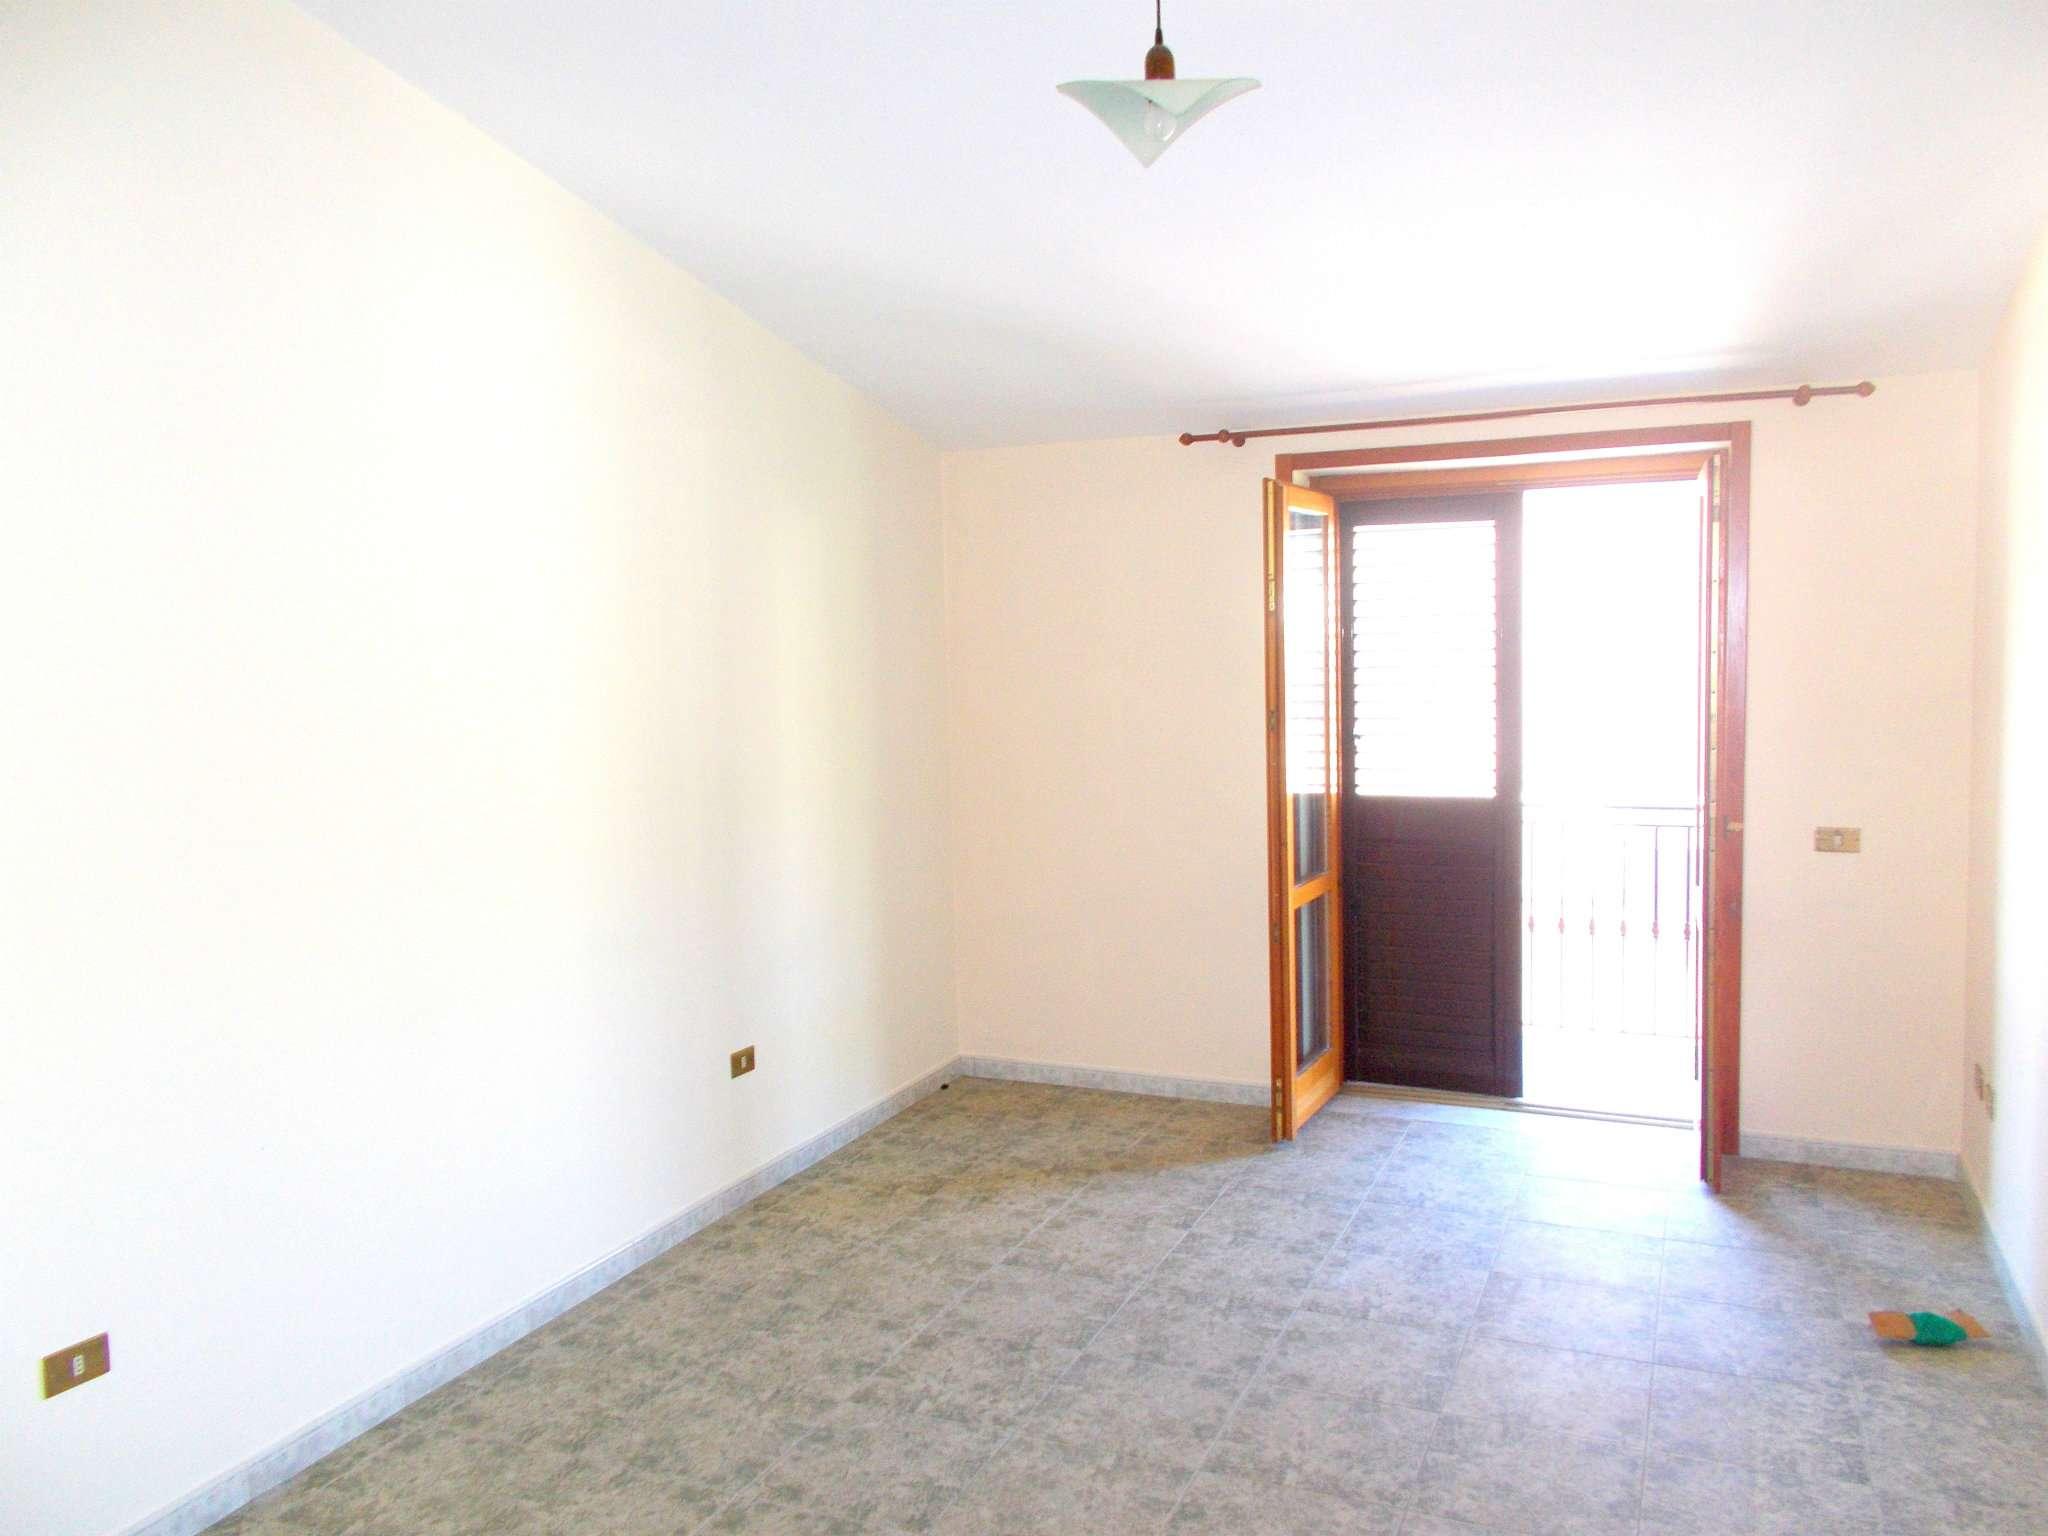 Appartamento in affitto a Santa Maria a Vico, 4 locali, prezzo € 250 | CambioCasa.it